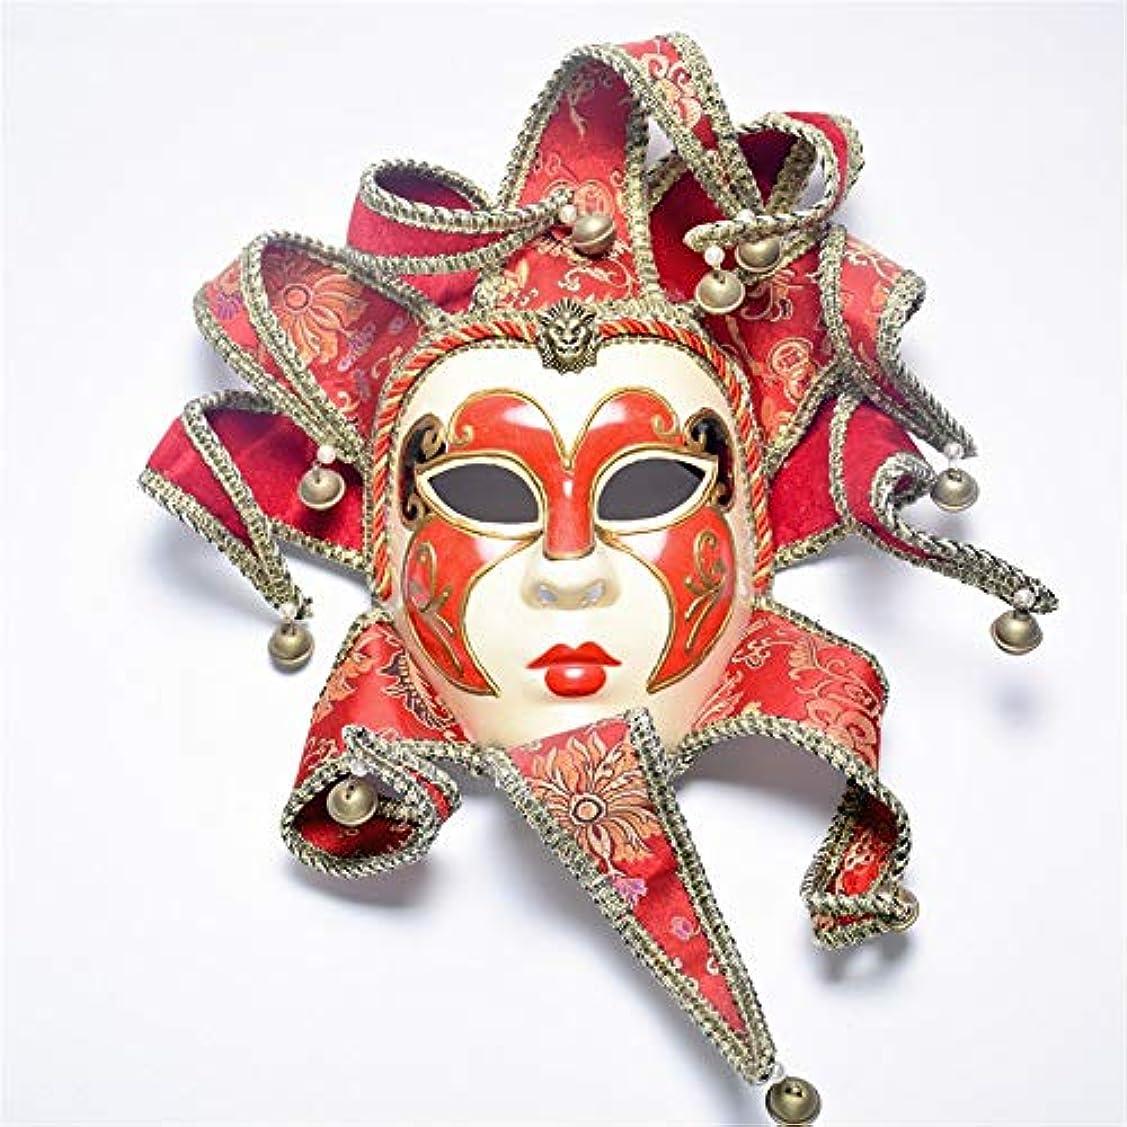 特に不公平七面鳥ダンスマスク フルフェイスマスク高級パーティーベルマスク女性マスククリスマスフェスティバルロールプレイングプラスチックマスク ホリデーパーティー用品 (色 : 赤, サイズ : 49x29cm)